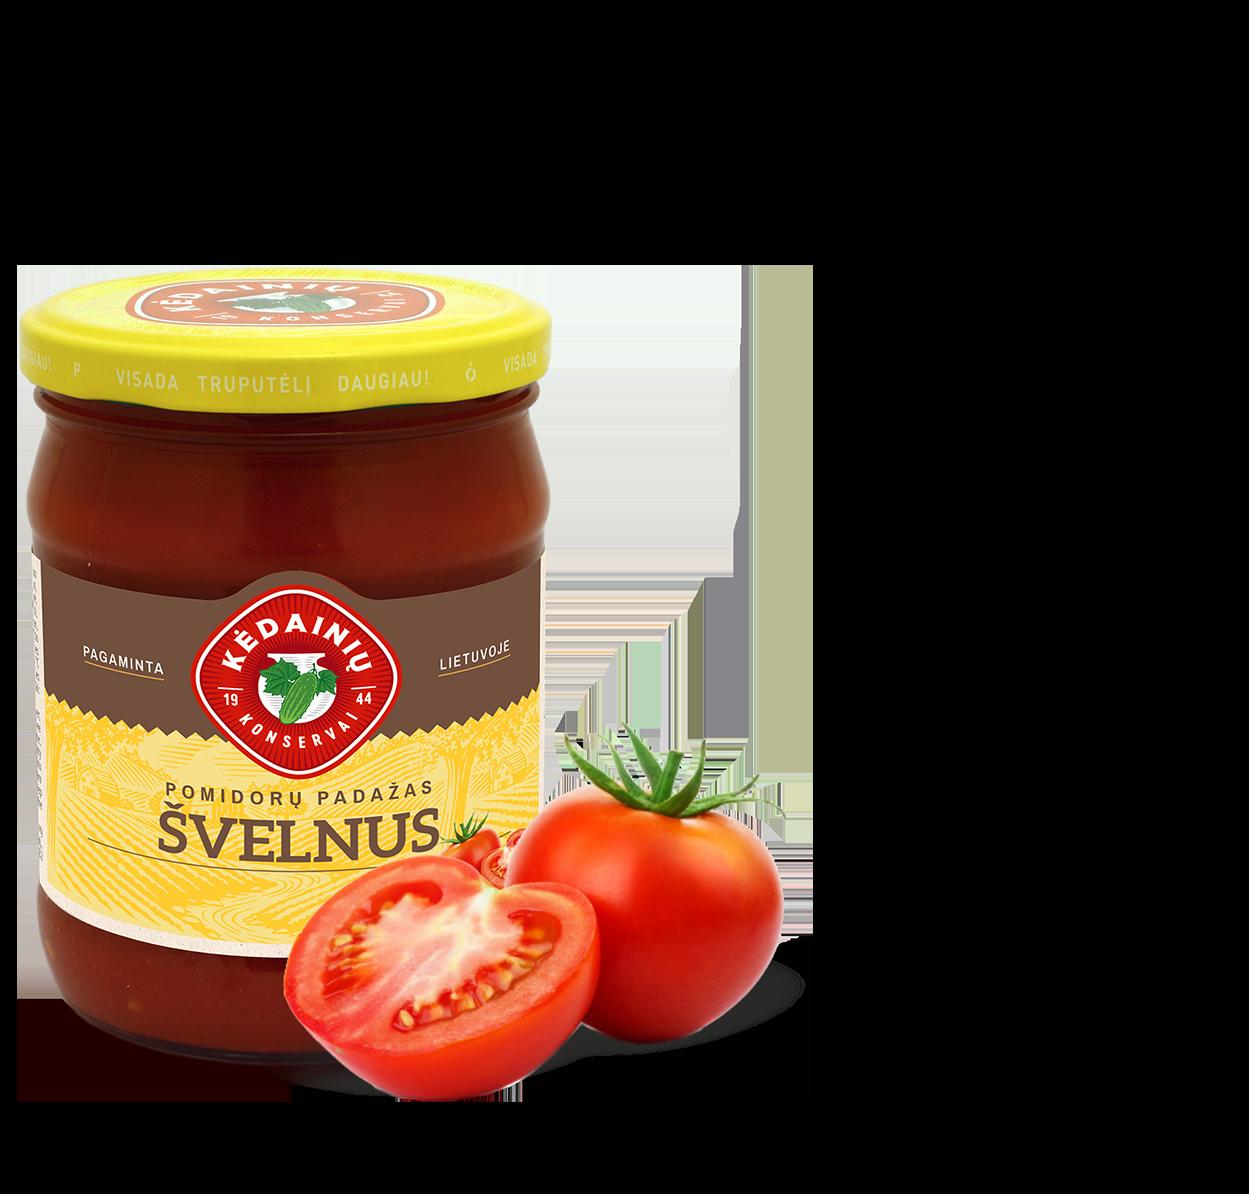 Kedainiu_konservai_pomidoru_padazas_svelnus_2020